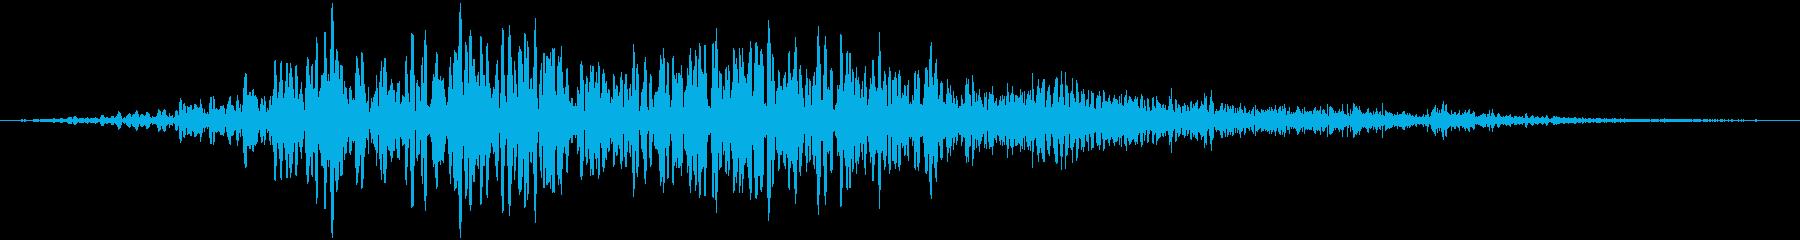 オフィスチェア:ロールアクロスハー...の再生済みの波形